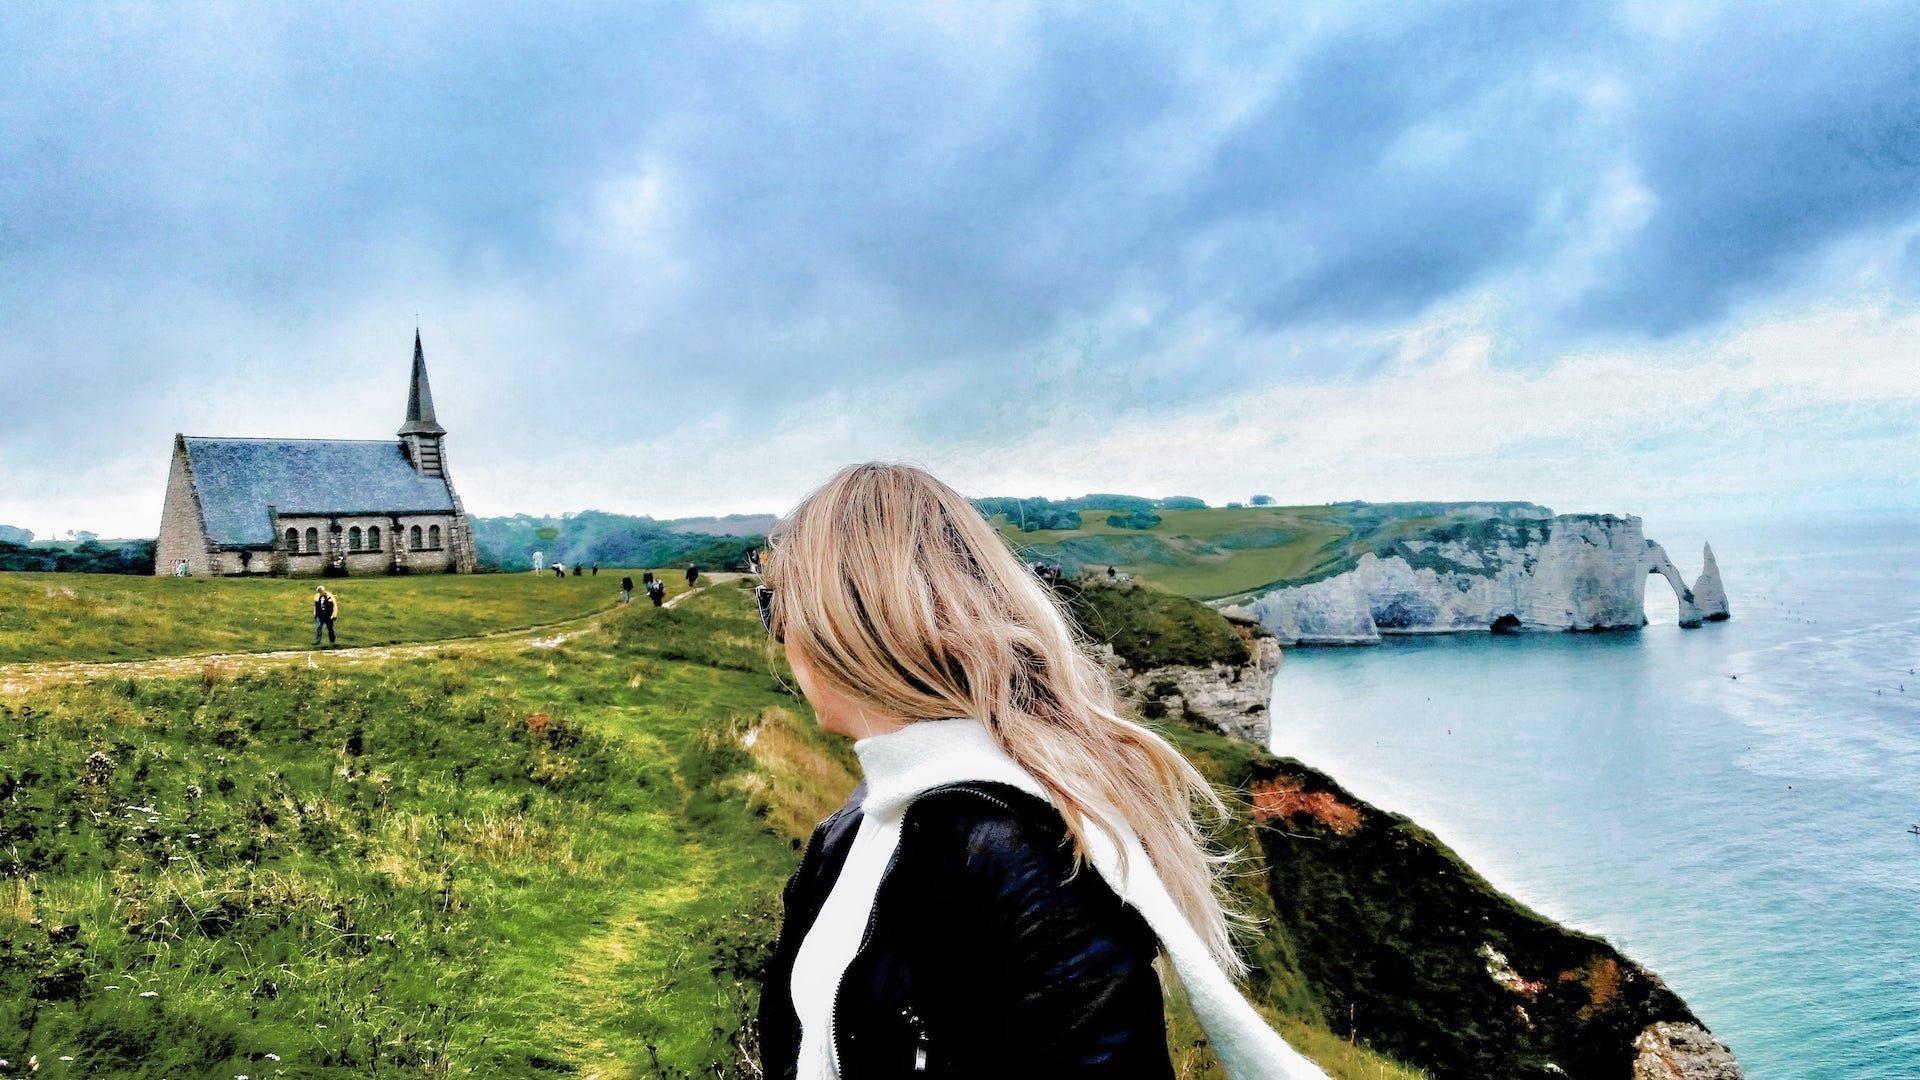 Turismo na Normandia - cidades lindas para conhecer na França